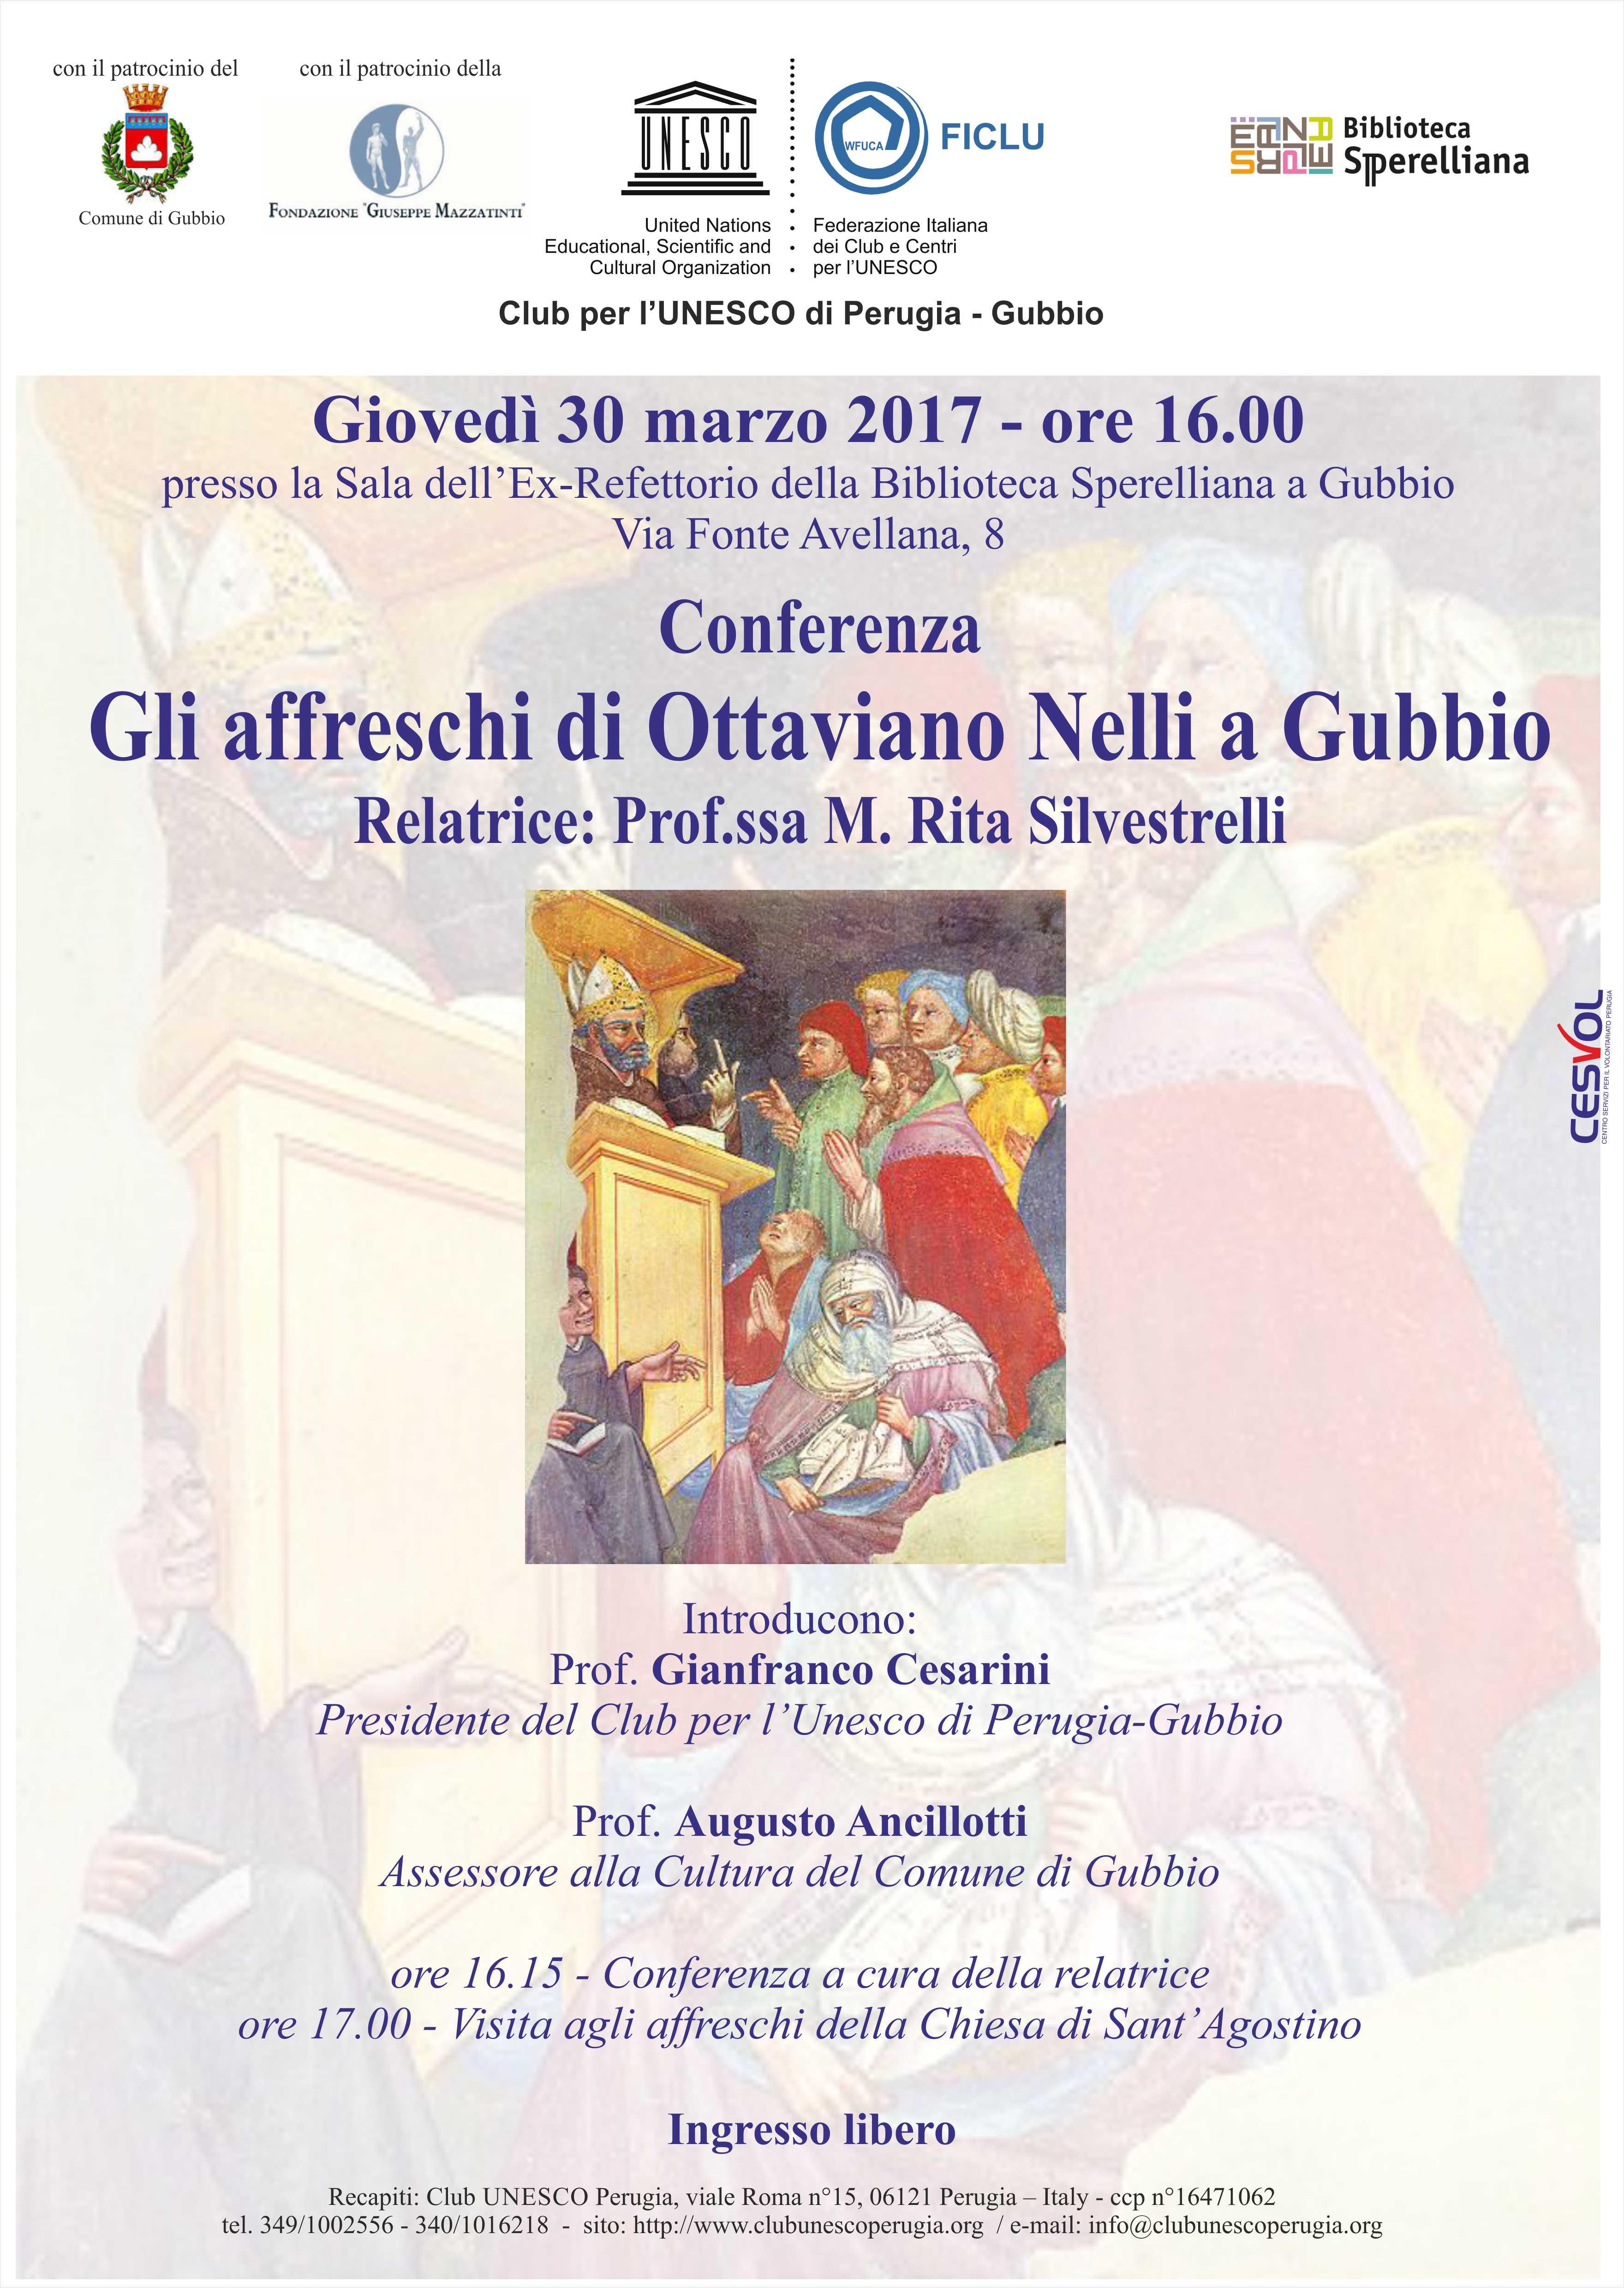 Evento Unesco 30 marzo 2017 - Gubbio